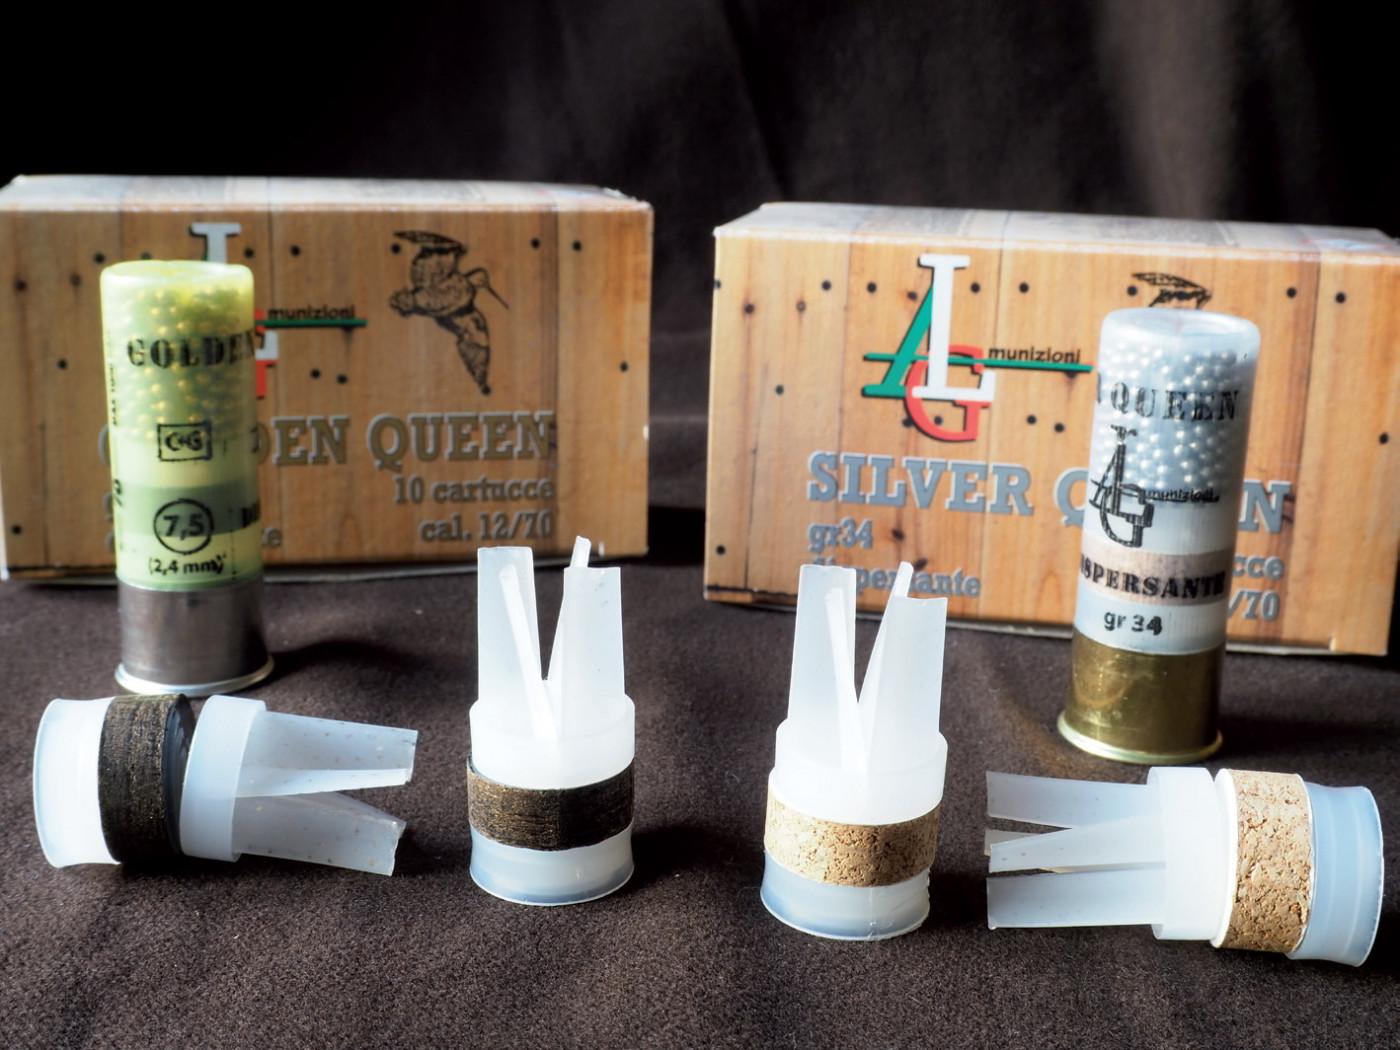 alg-munizioni-cartucce-caccia-armeria-nola